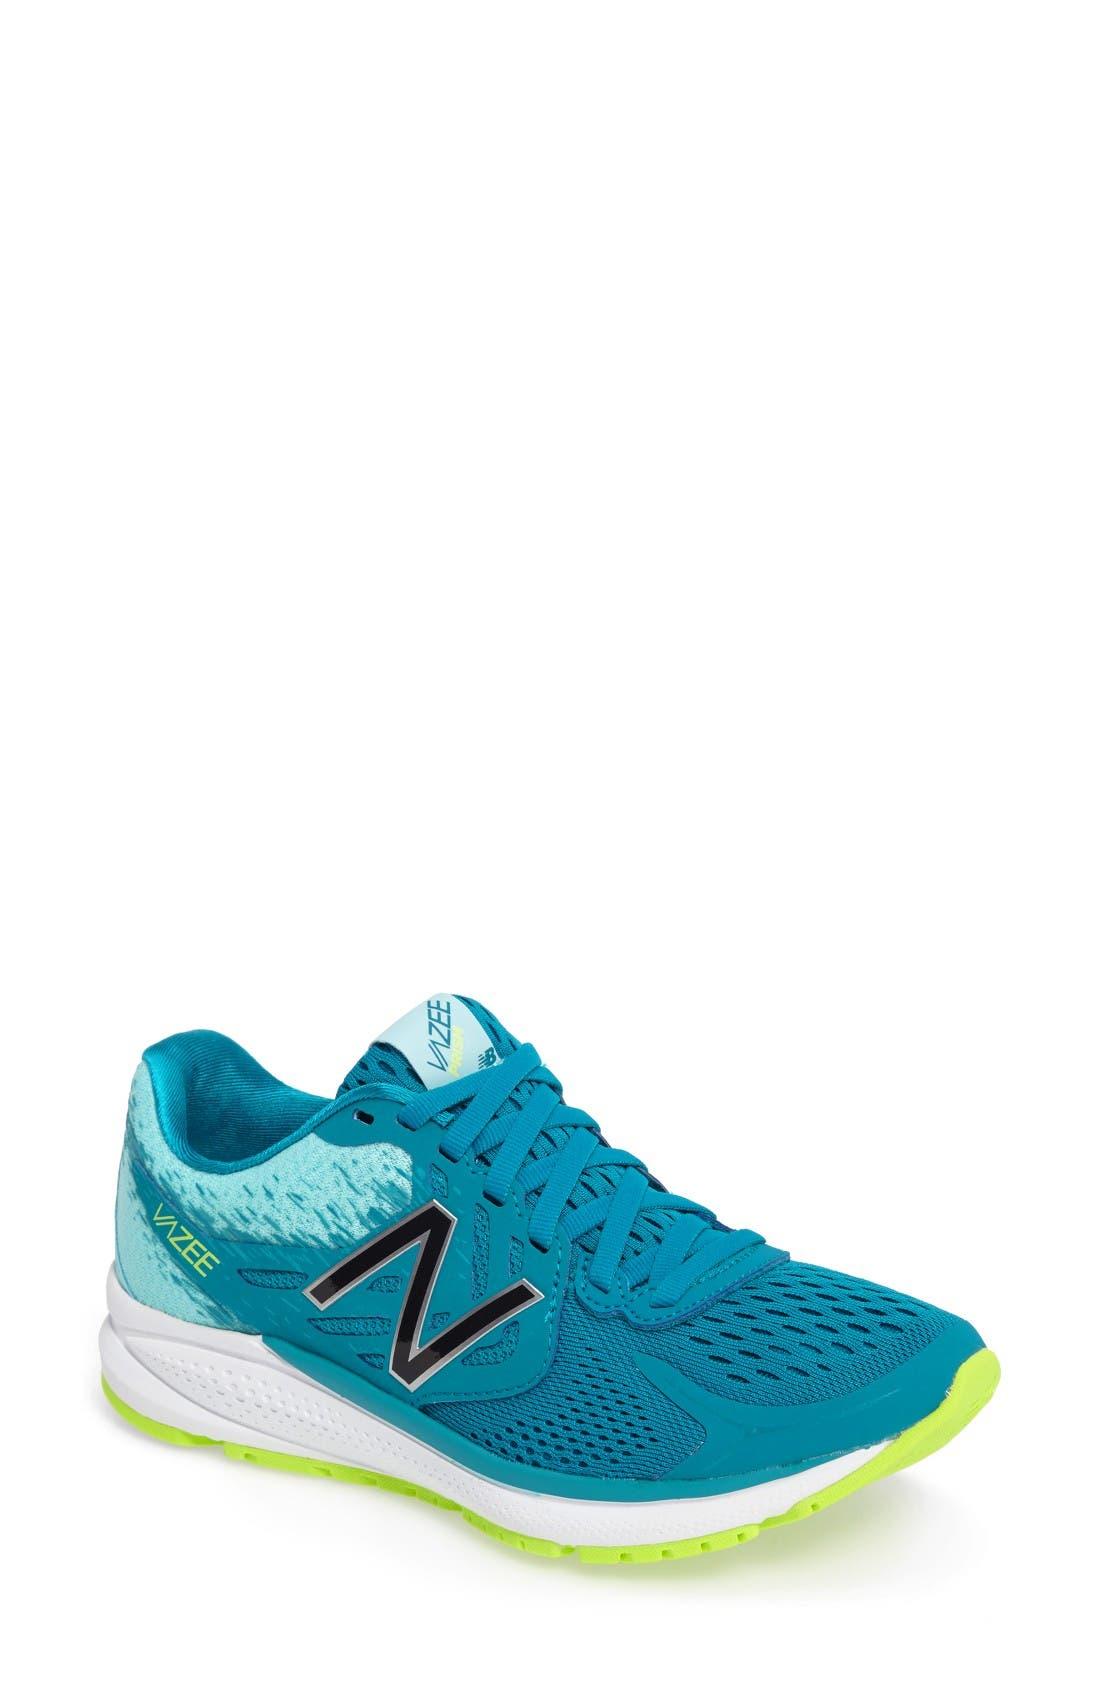 Main Image - New Balance 'Vazee Prism' Running Shoe (Women)